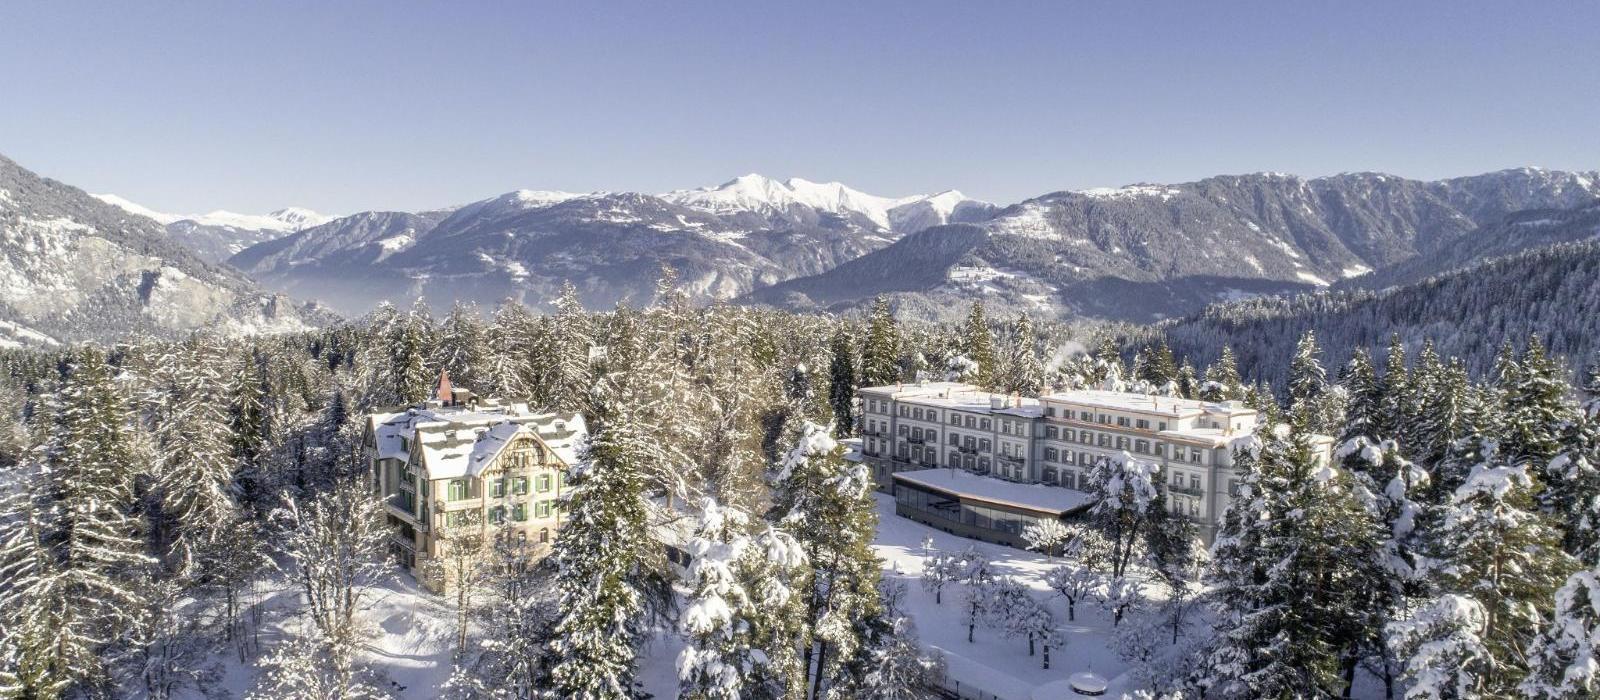 菲尔姆沃豪斯公园水疗酒店(Waldhaus Flims Alpine Grand Hotel & Spa) 图片  www.lhw.cn